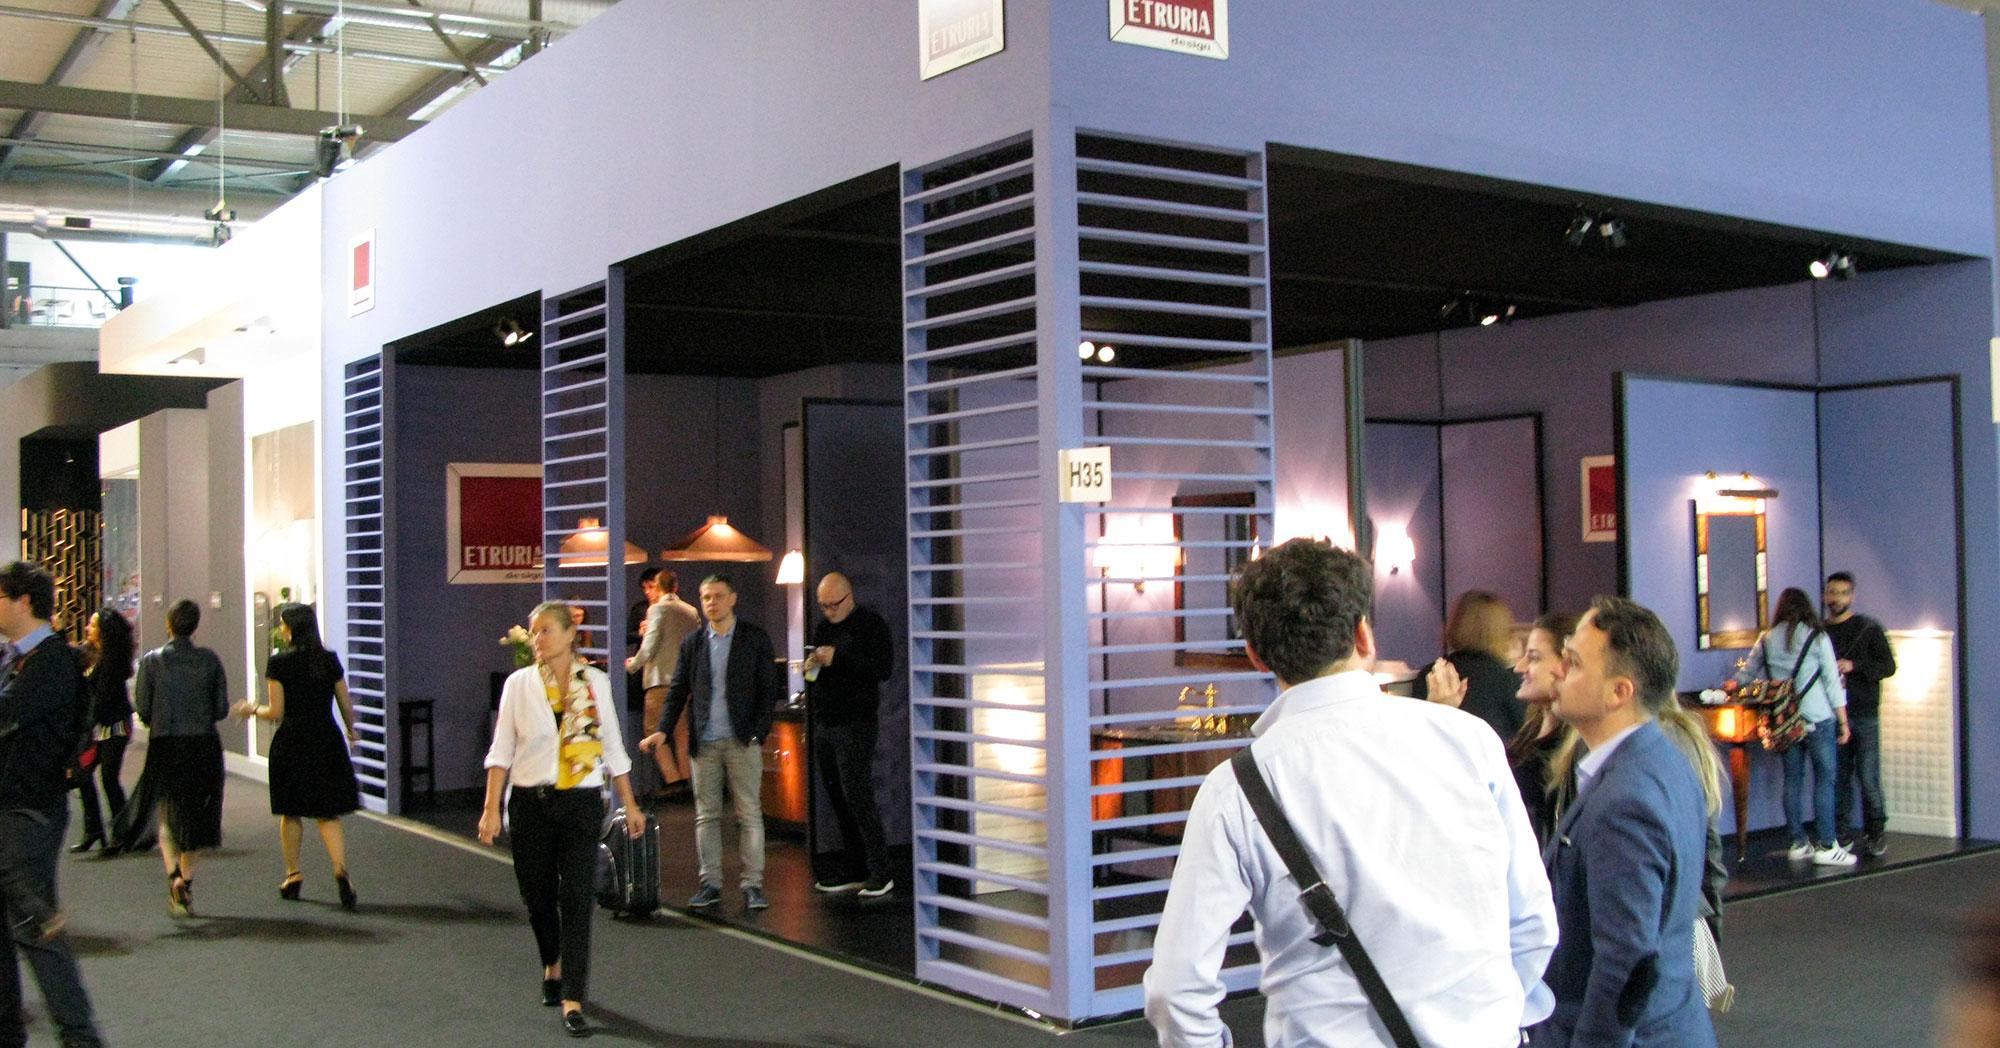 Salone del mobile milan etruria design - Fiera del mobile bologna ...